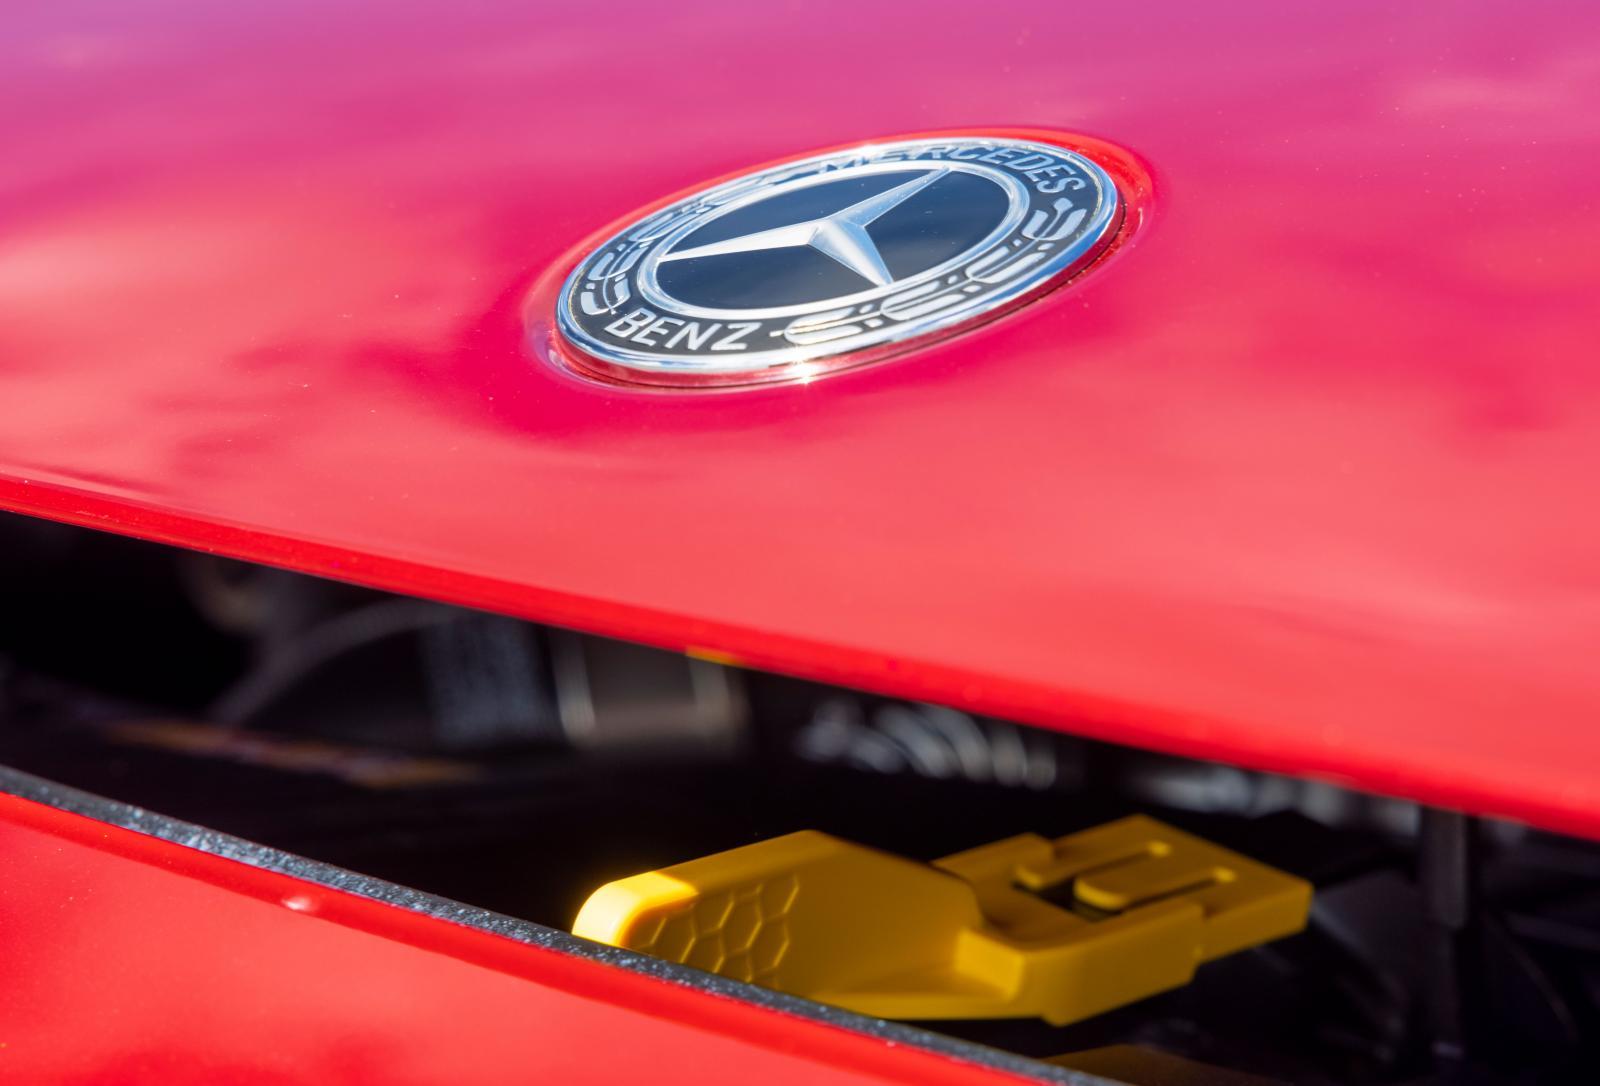 Det är inte alltid så lätt att hitta motorhuvsspärren. Gul färg på låsmekanismen underlättar jakten.